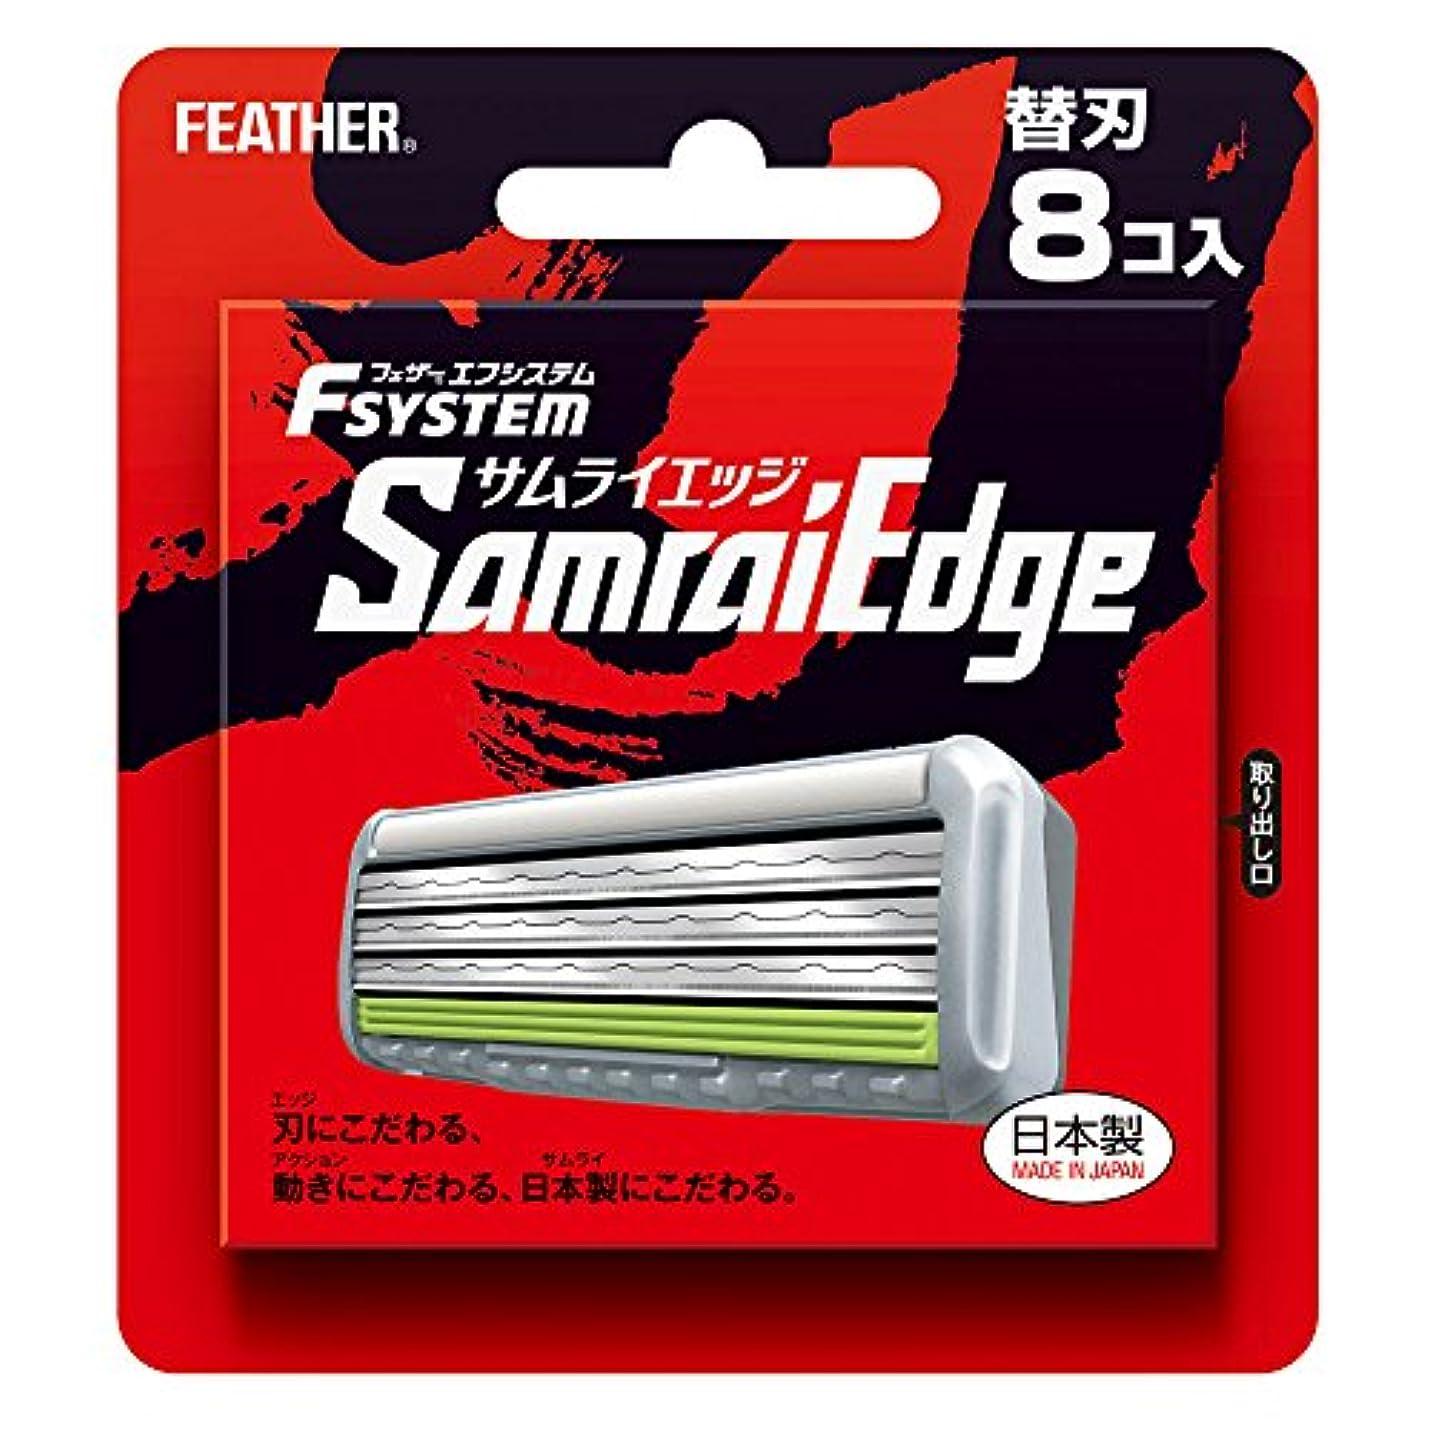 浸透する航空機面倒フェザー エフシステム 替刃 サムライエッジ 8コ入 (日本製)